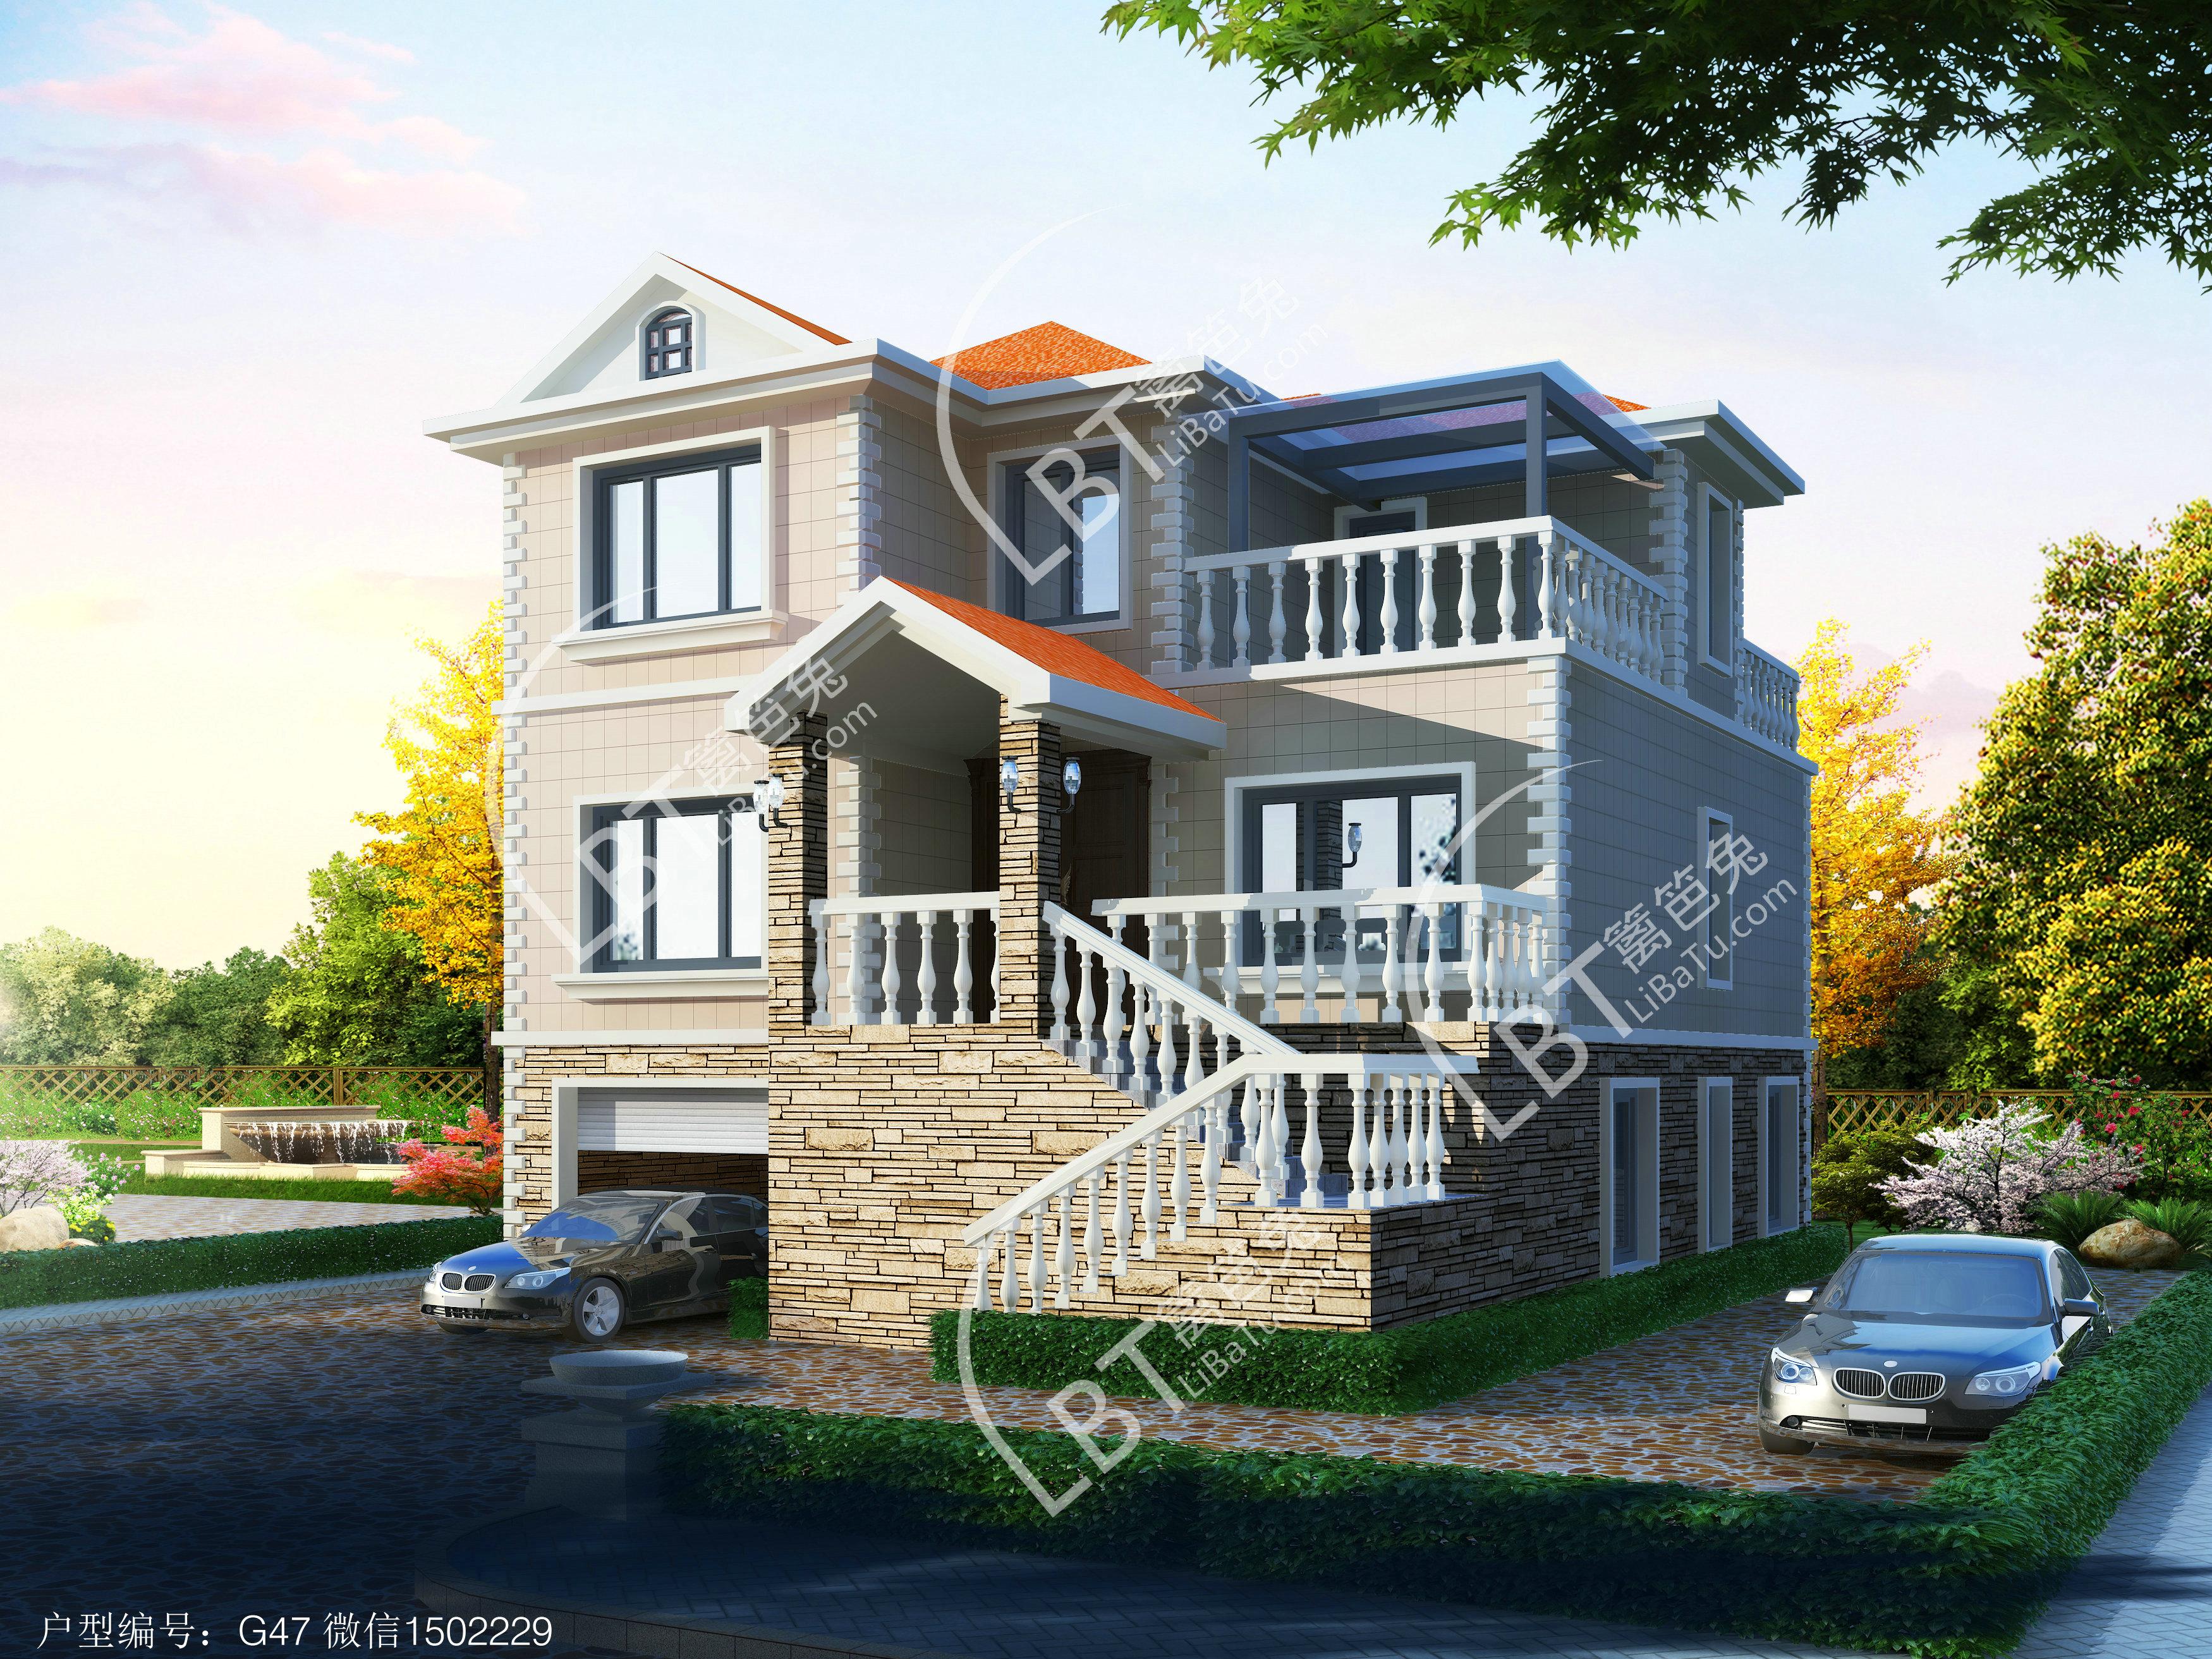 新农村自建房屋设计图纸 自建三层楼房设计图大全